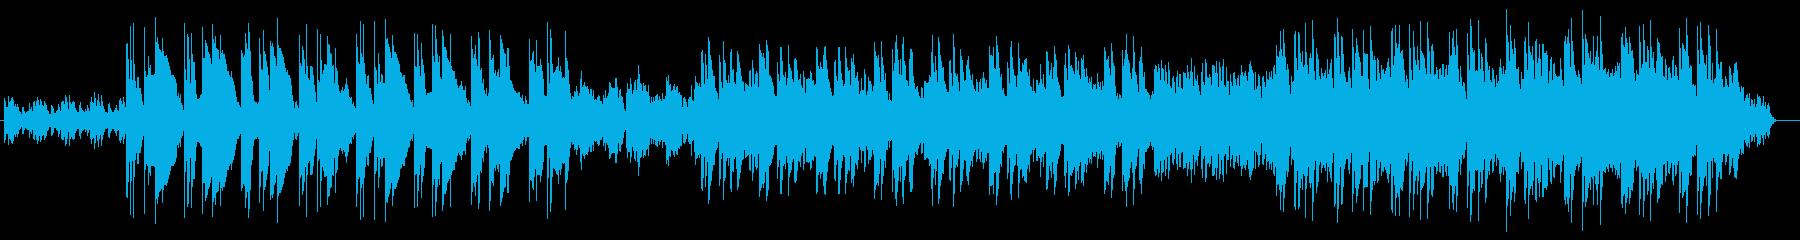 繰り返されるメロディーが哀愁漂う楽曲の再生済みの波形